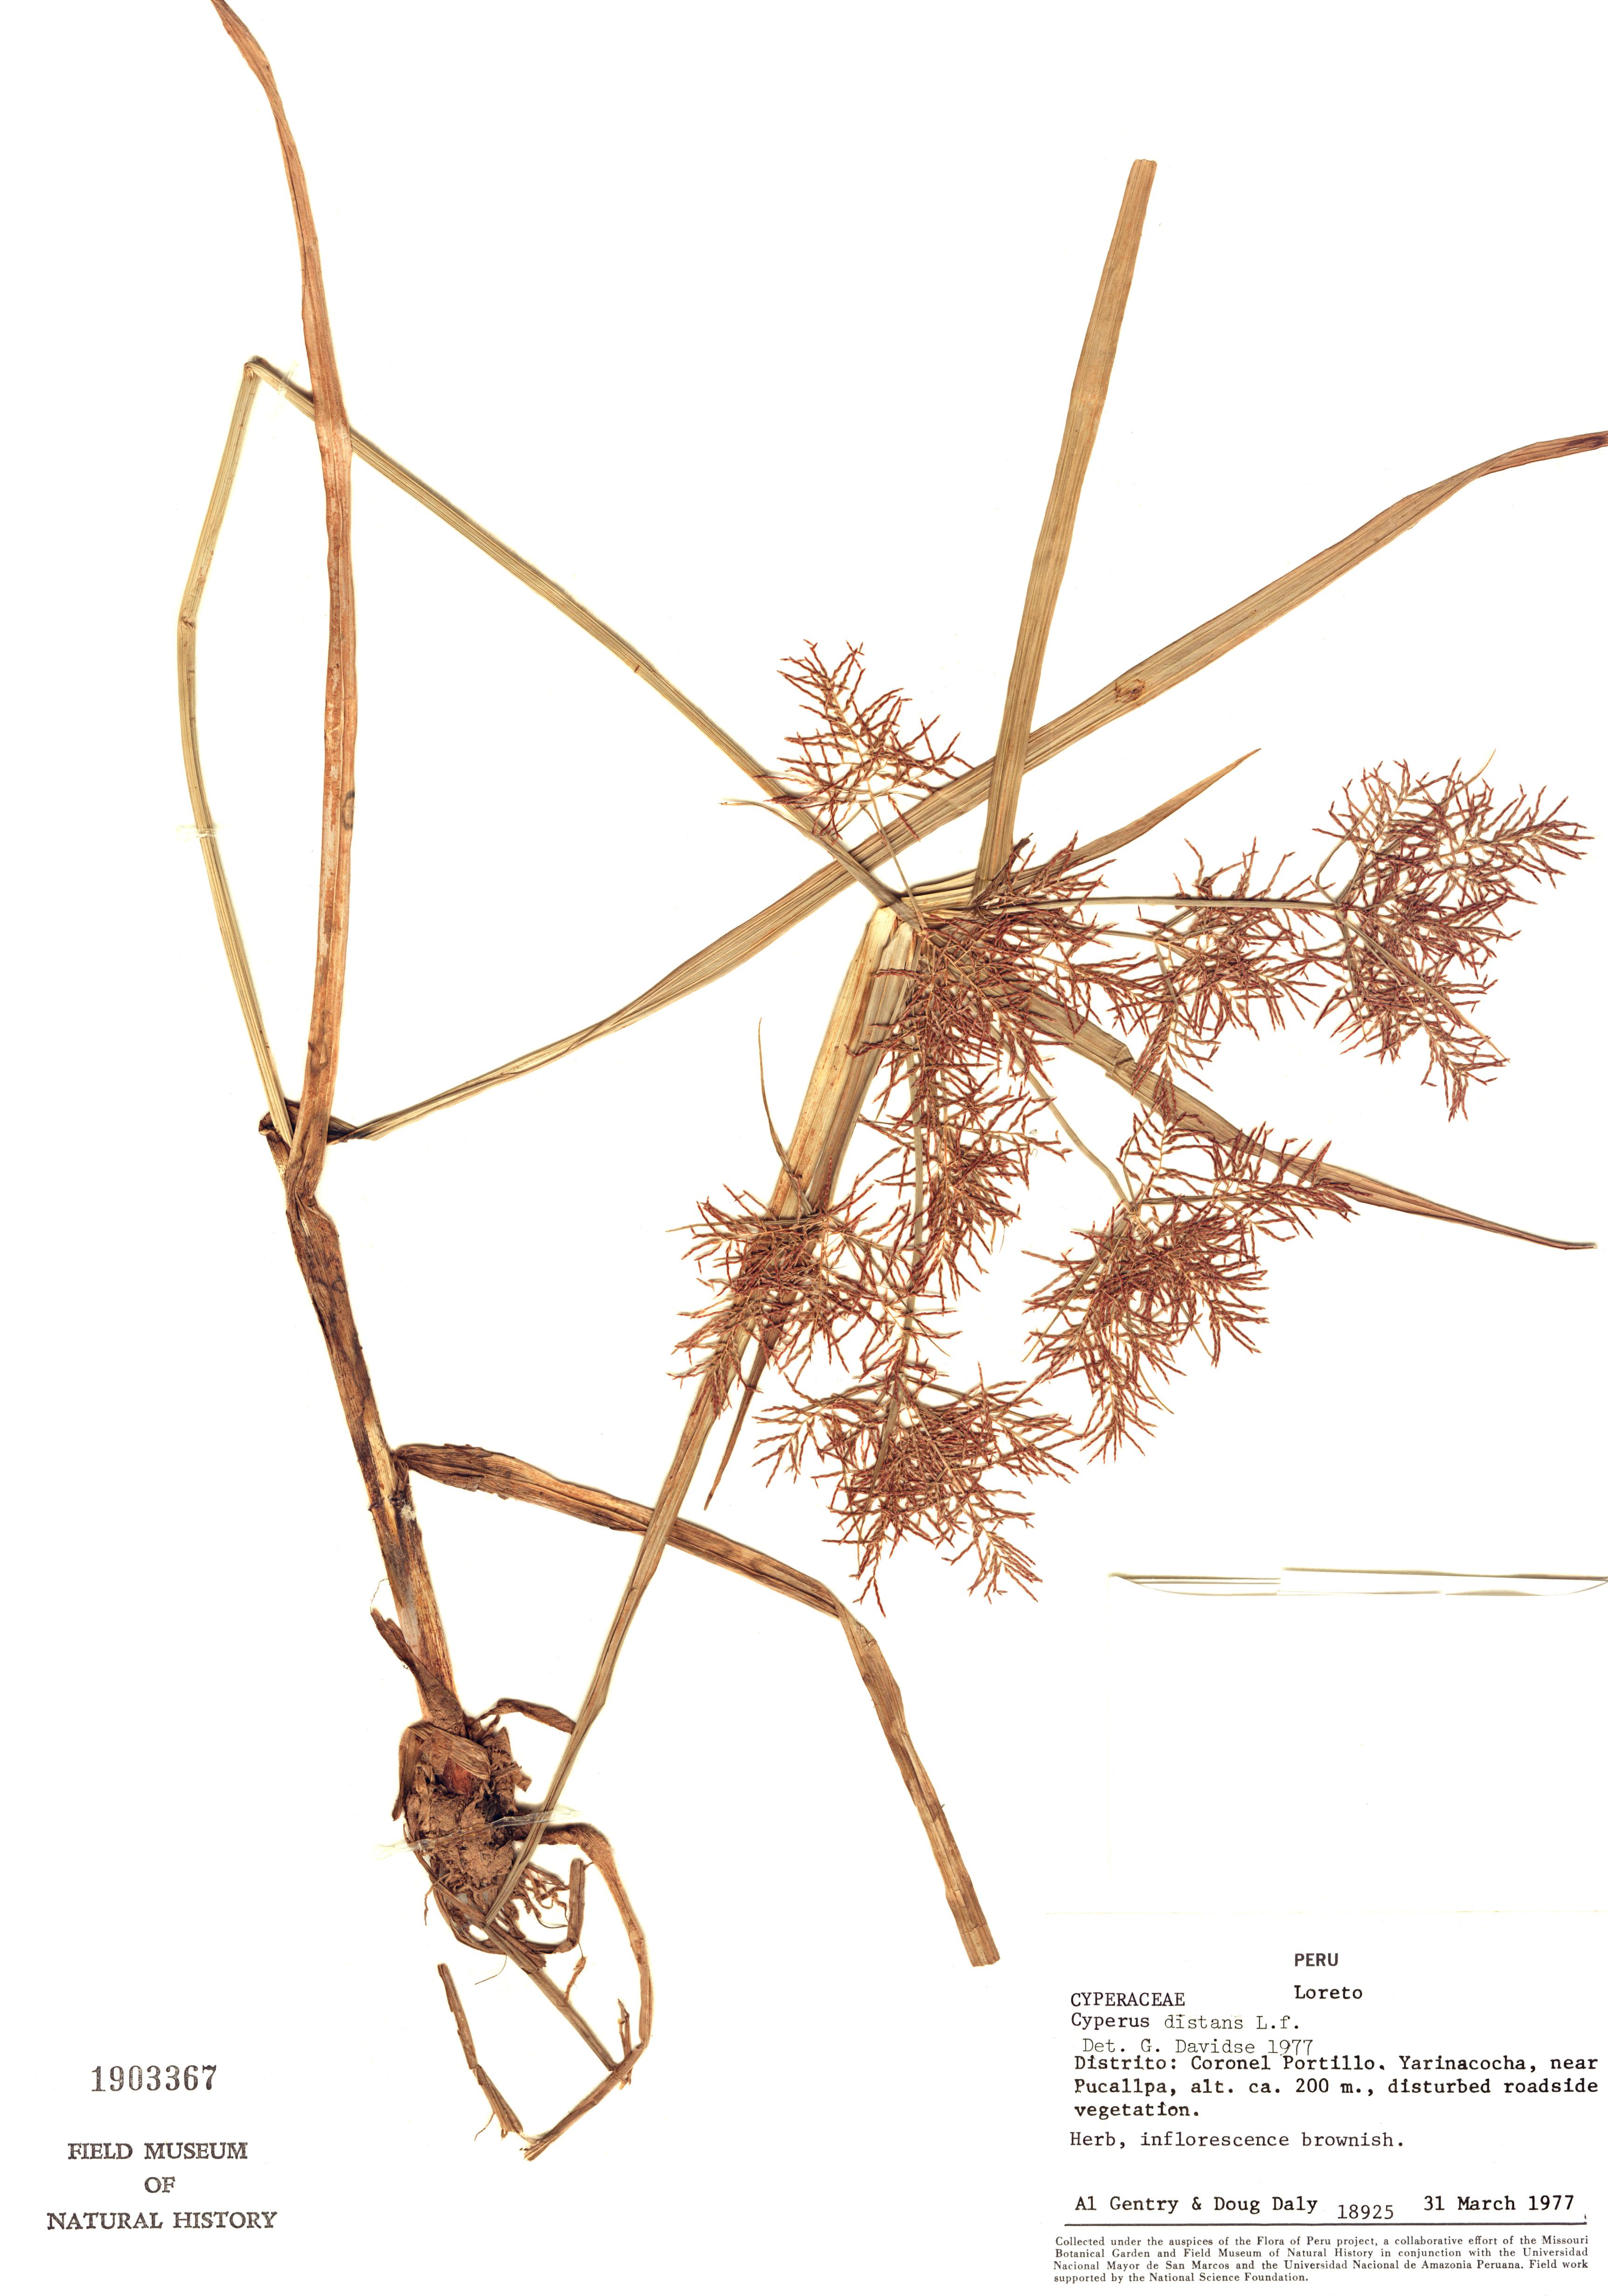 Specimen: Cyperus distans